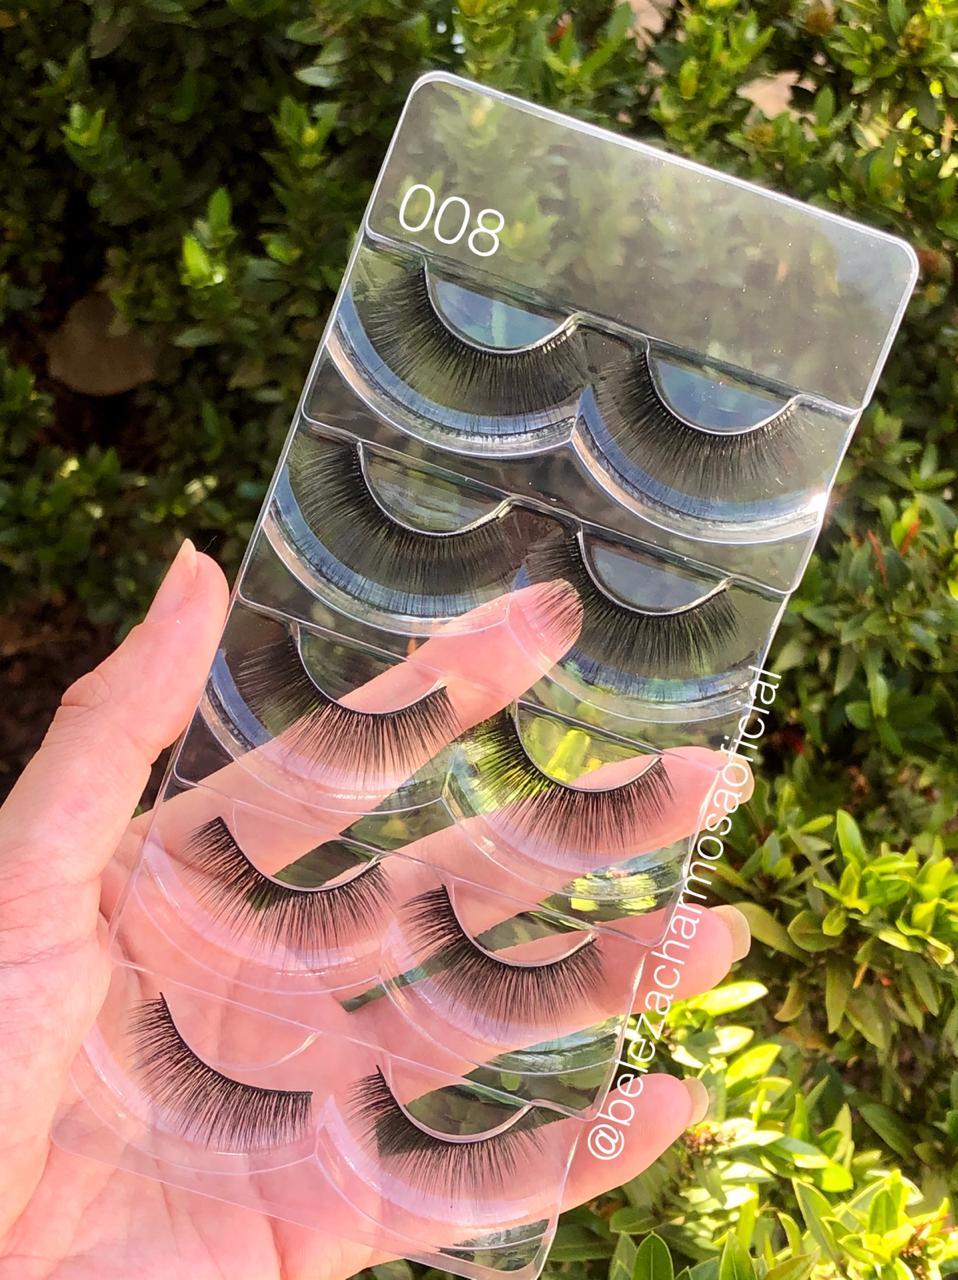 Caixa 05 Pares De Cílios Postiços 6DMink 008- Ruby Anjo